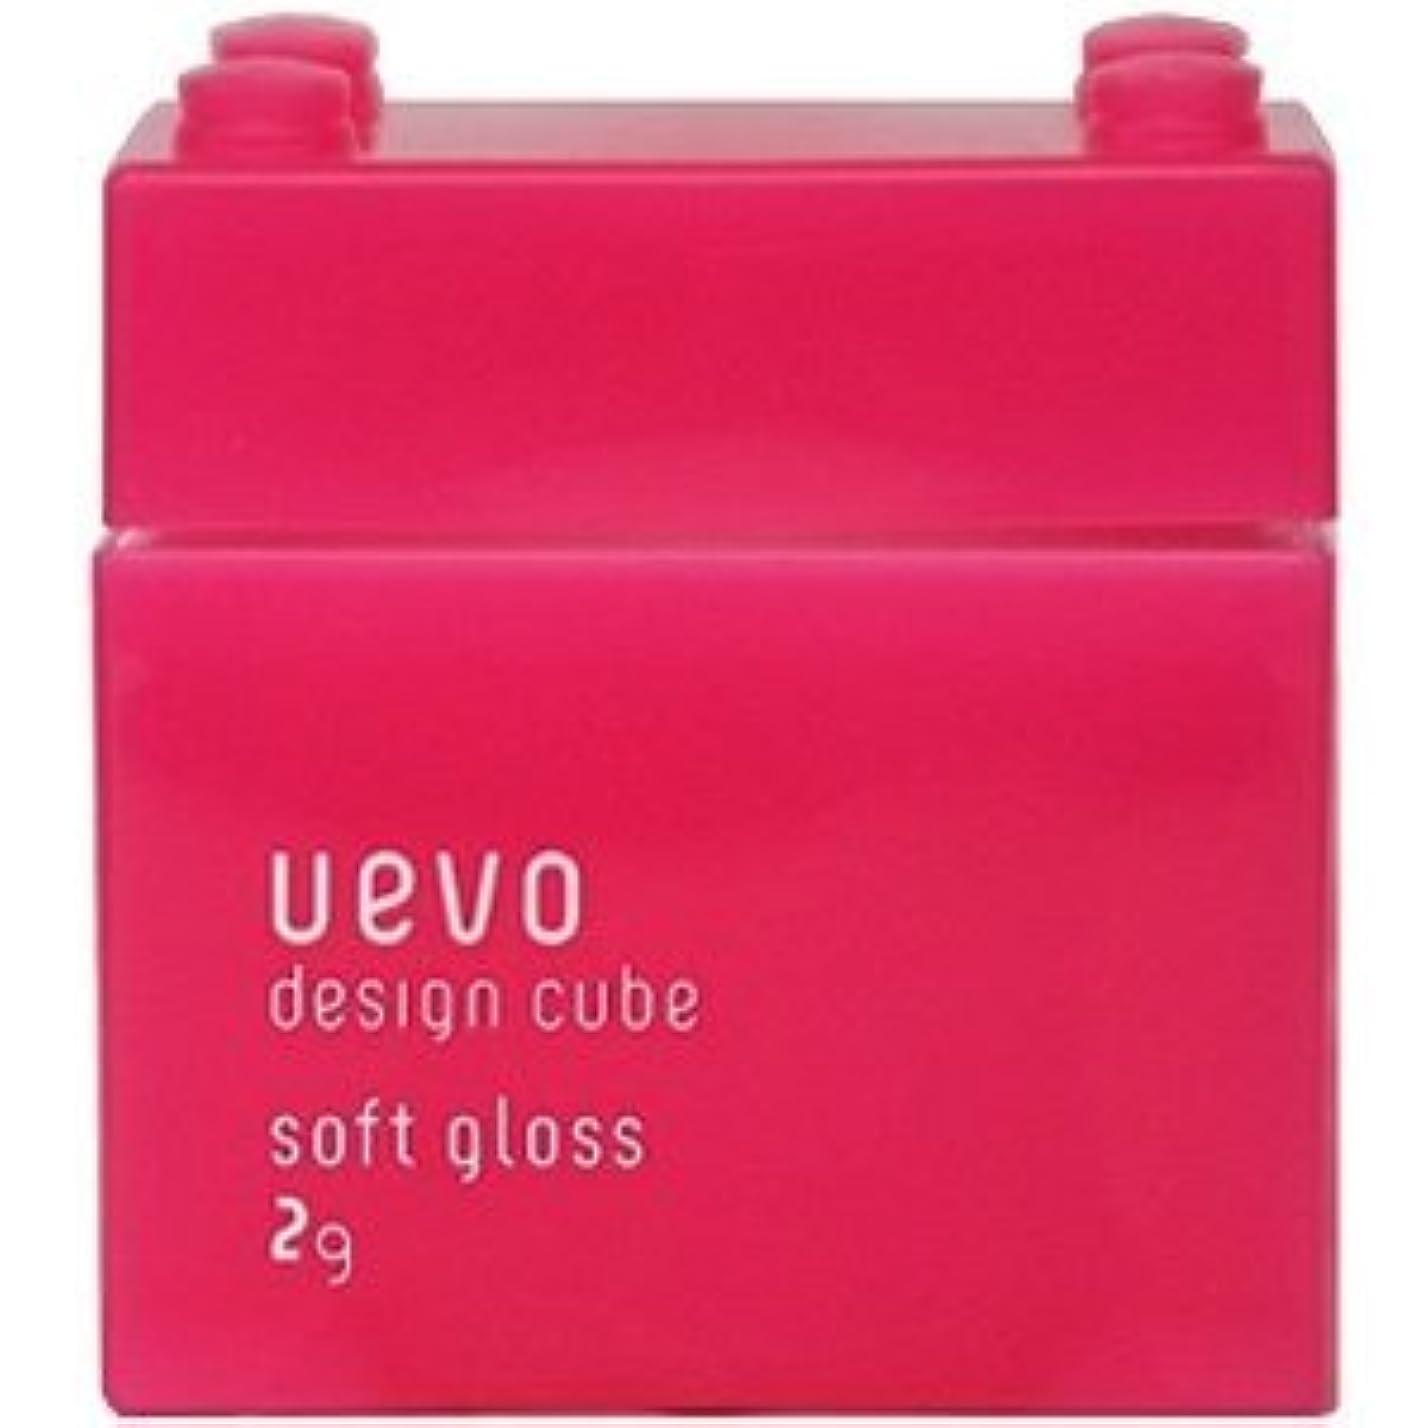 テープ相続人ロンドン【X3個セット】 デミ ウェーボ デザインキューブ ソフトグロス 80g soft gloss DEMI uevo design cube